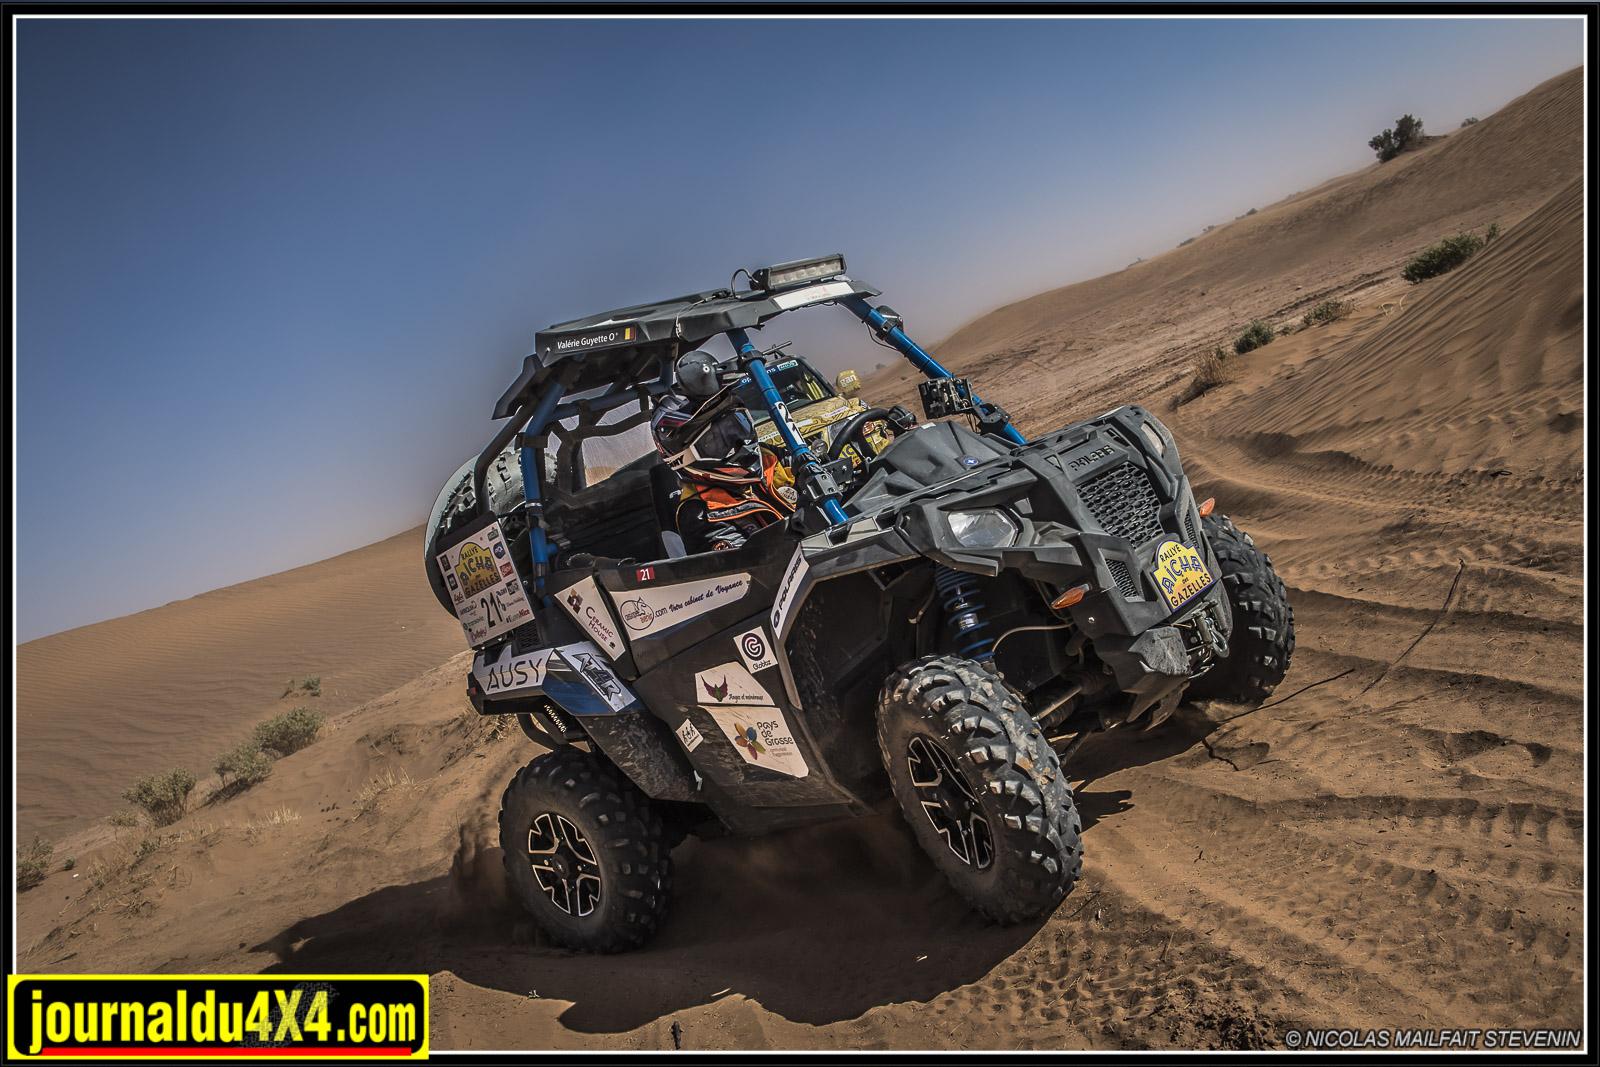 rallye-aicha-gazelles-maroc-2017-7177.jpg